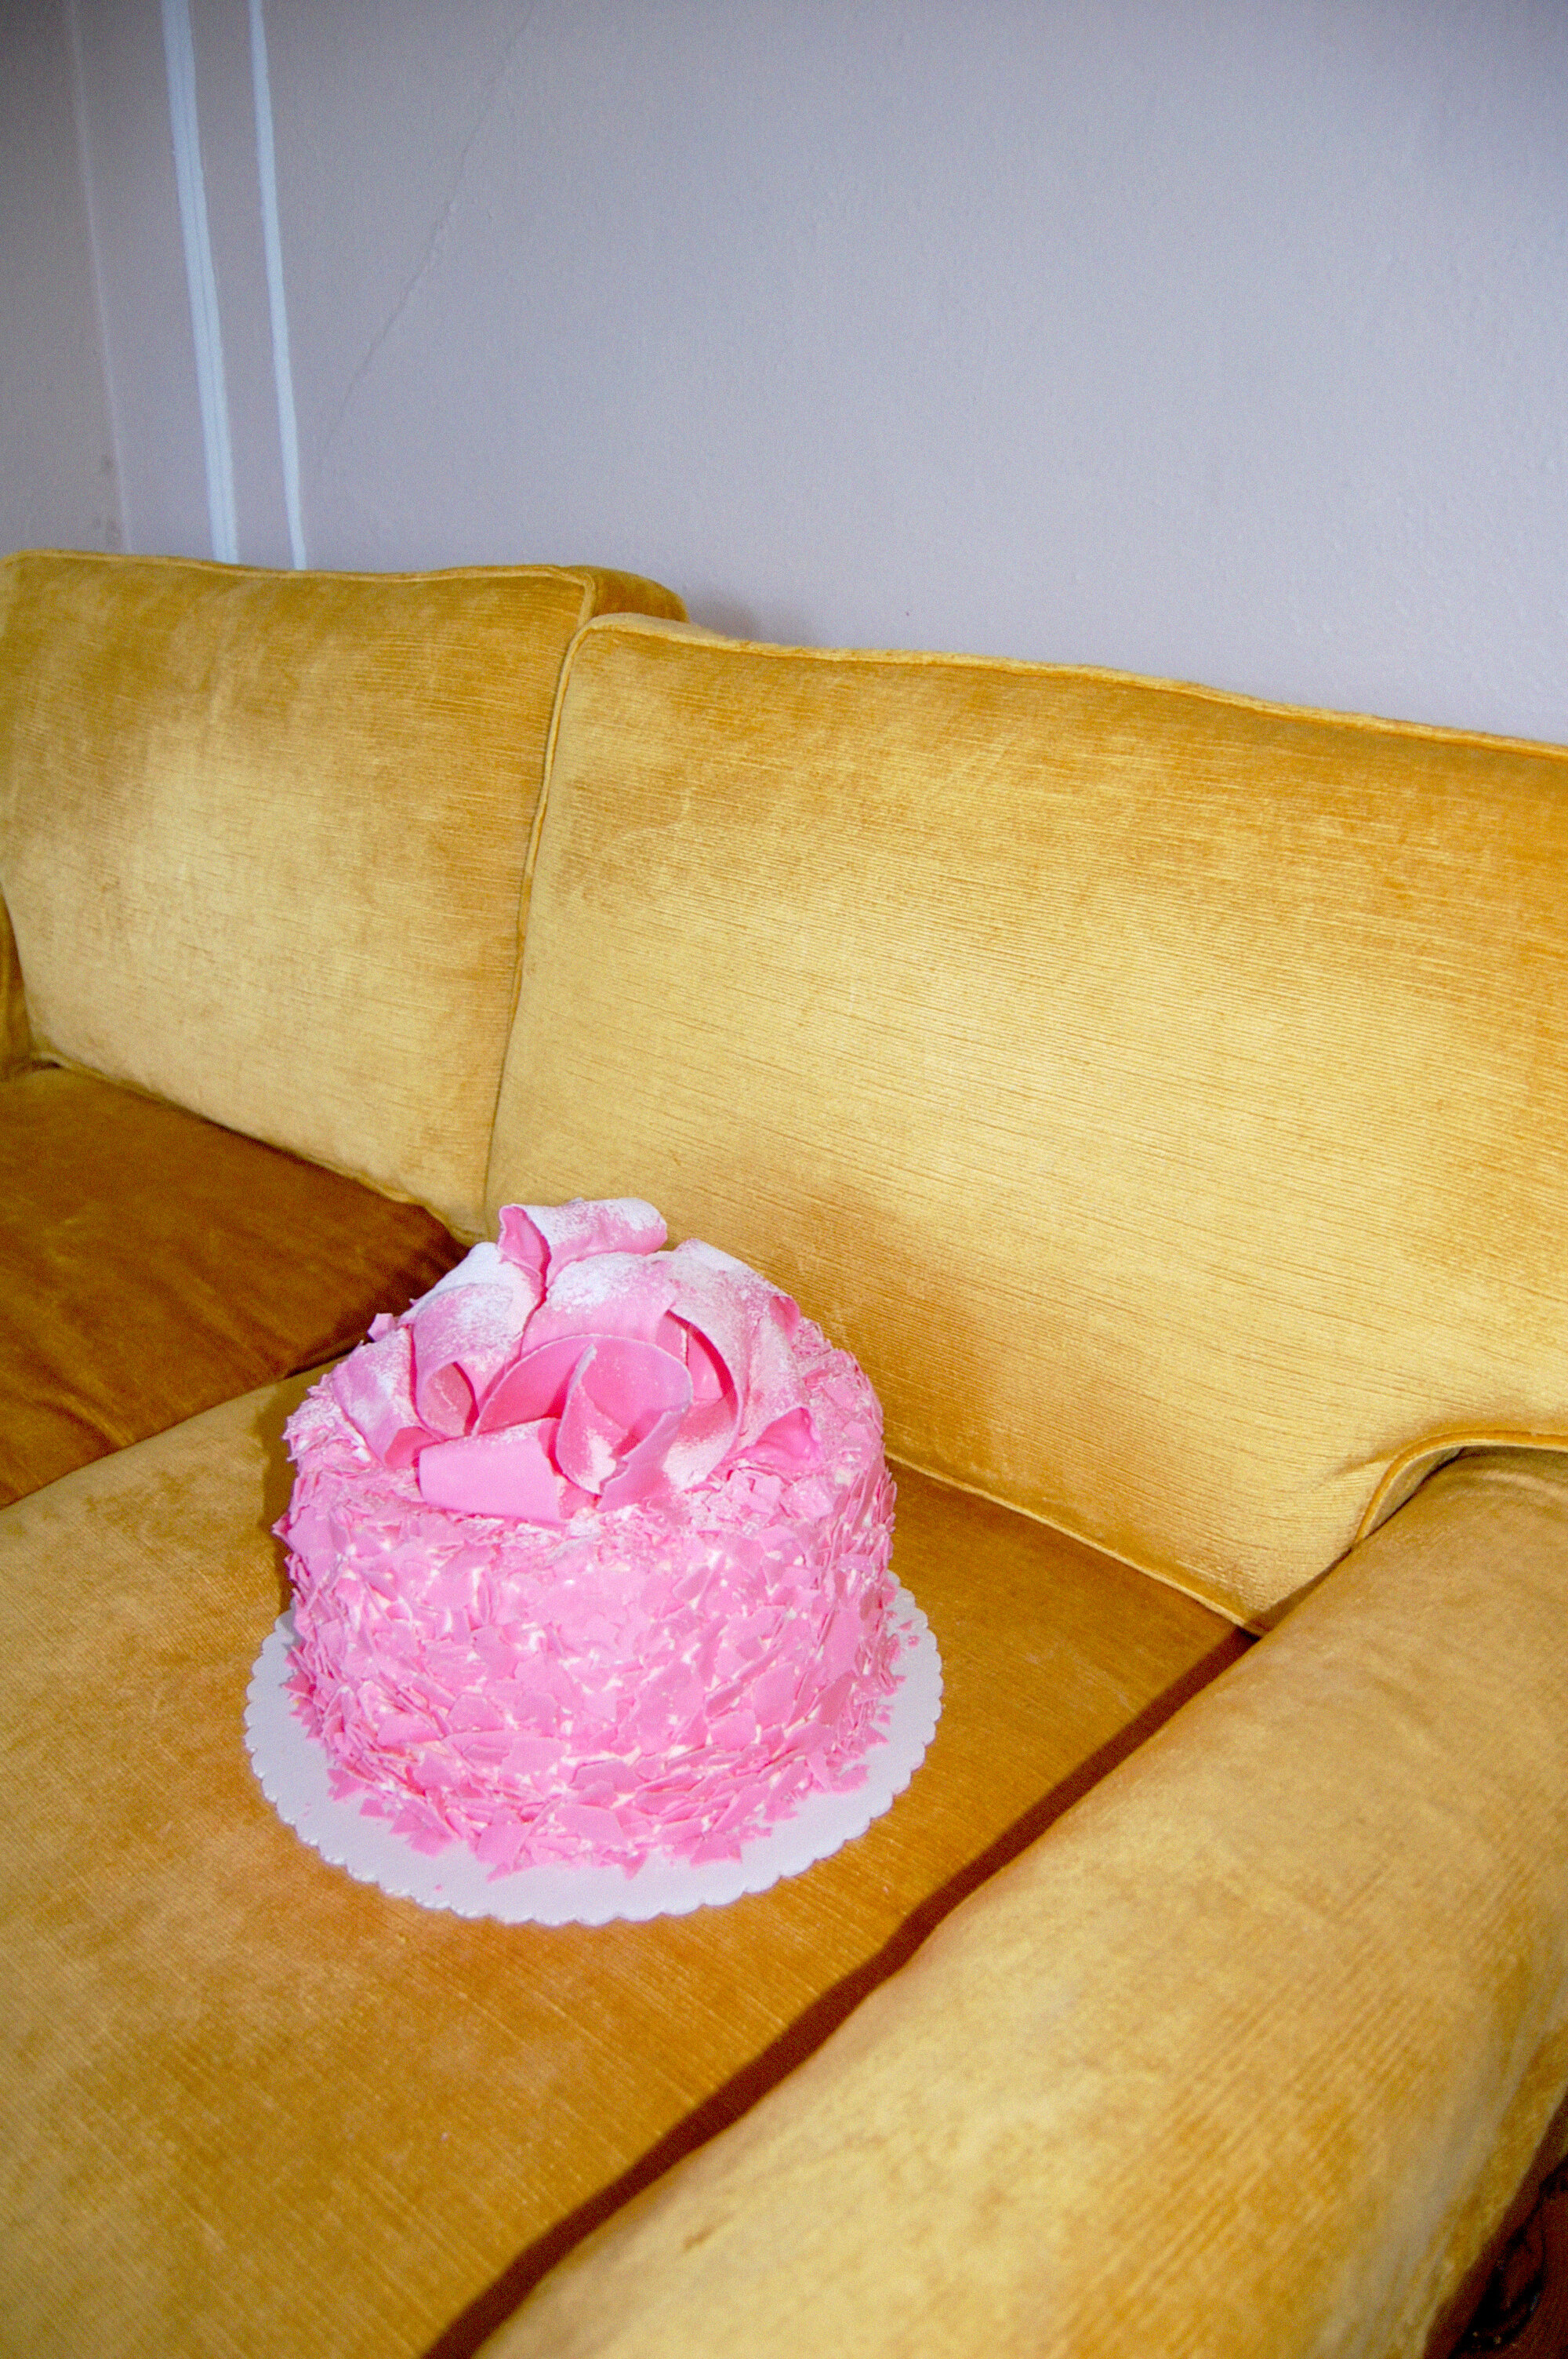 madonna inn cake .jpg